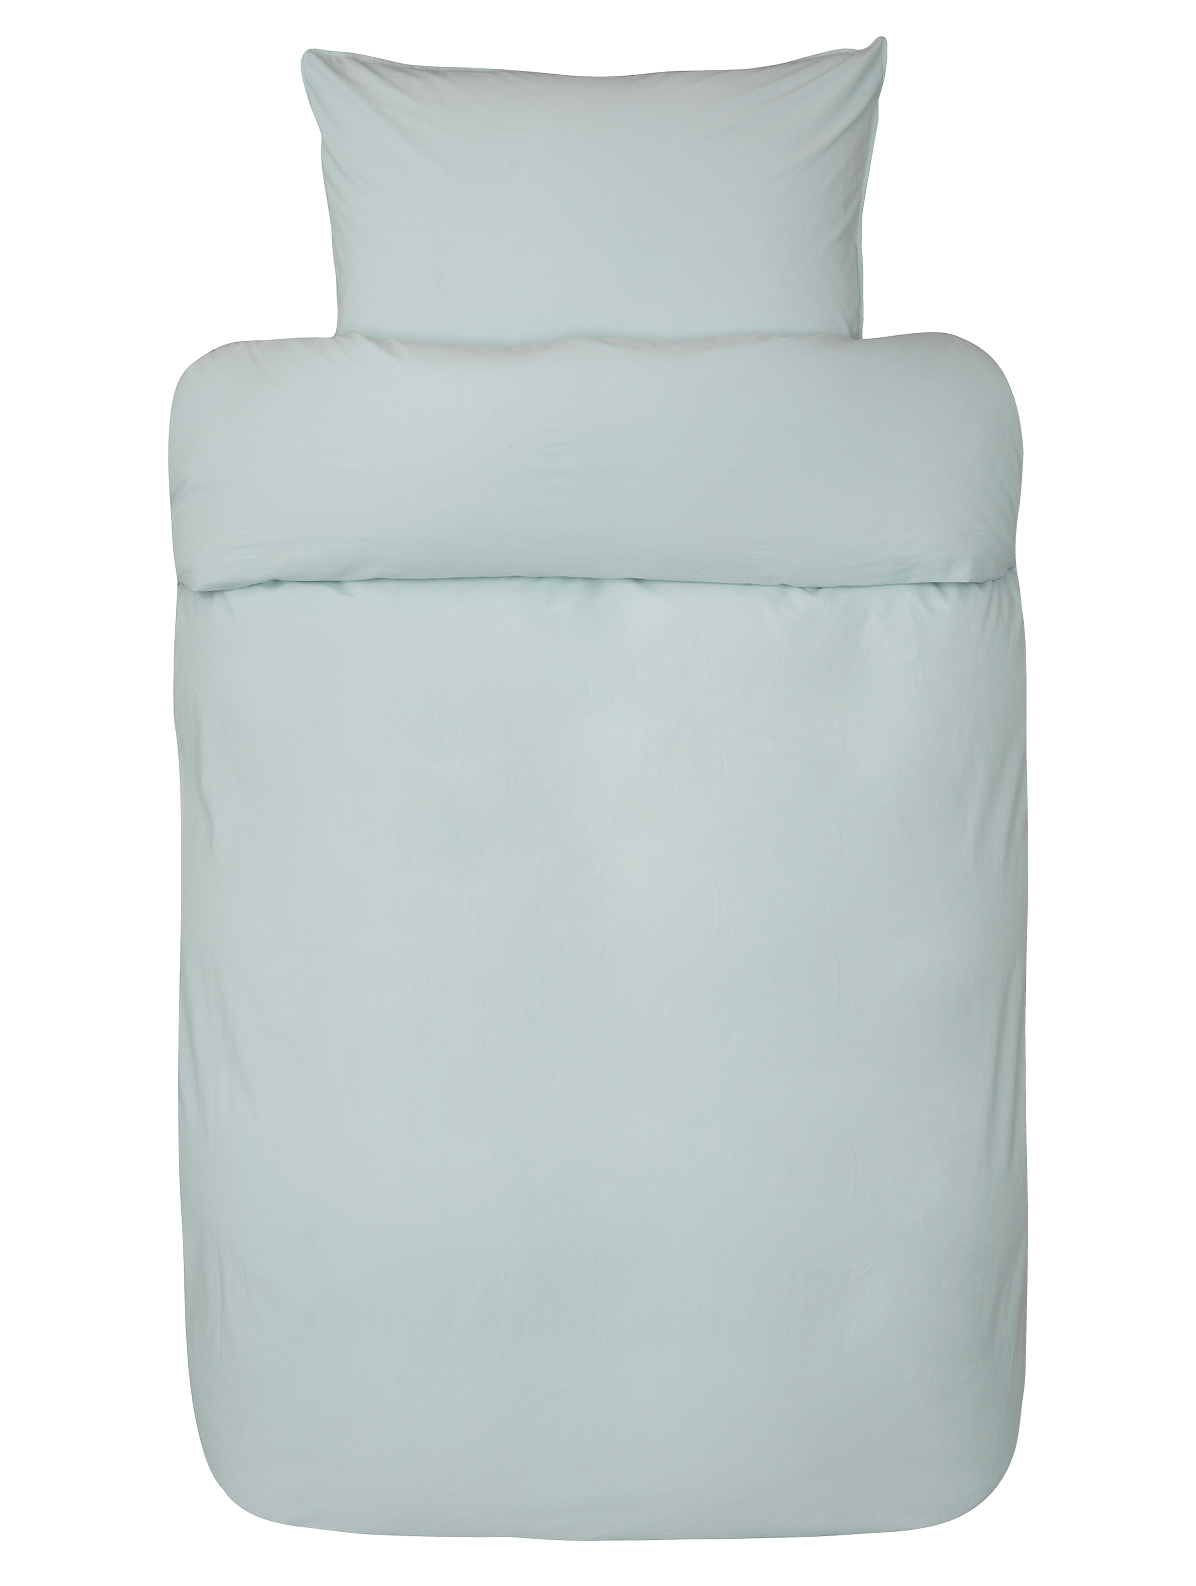 Høie Frøya sengelinned, 140x200 cm, himmelblå